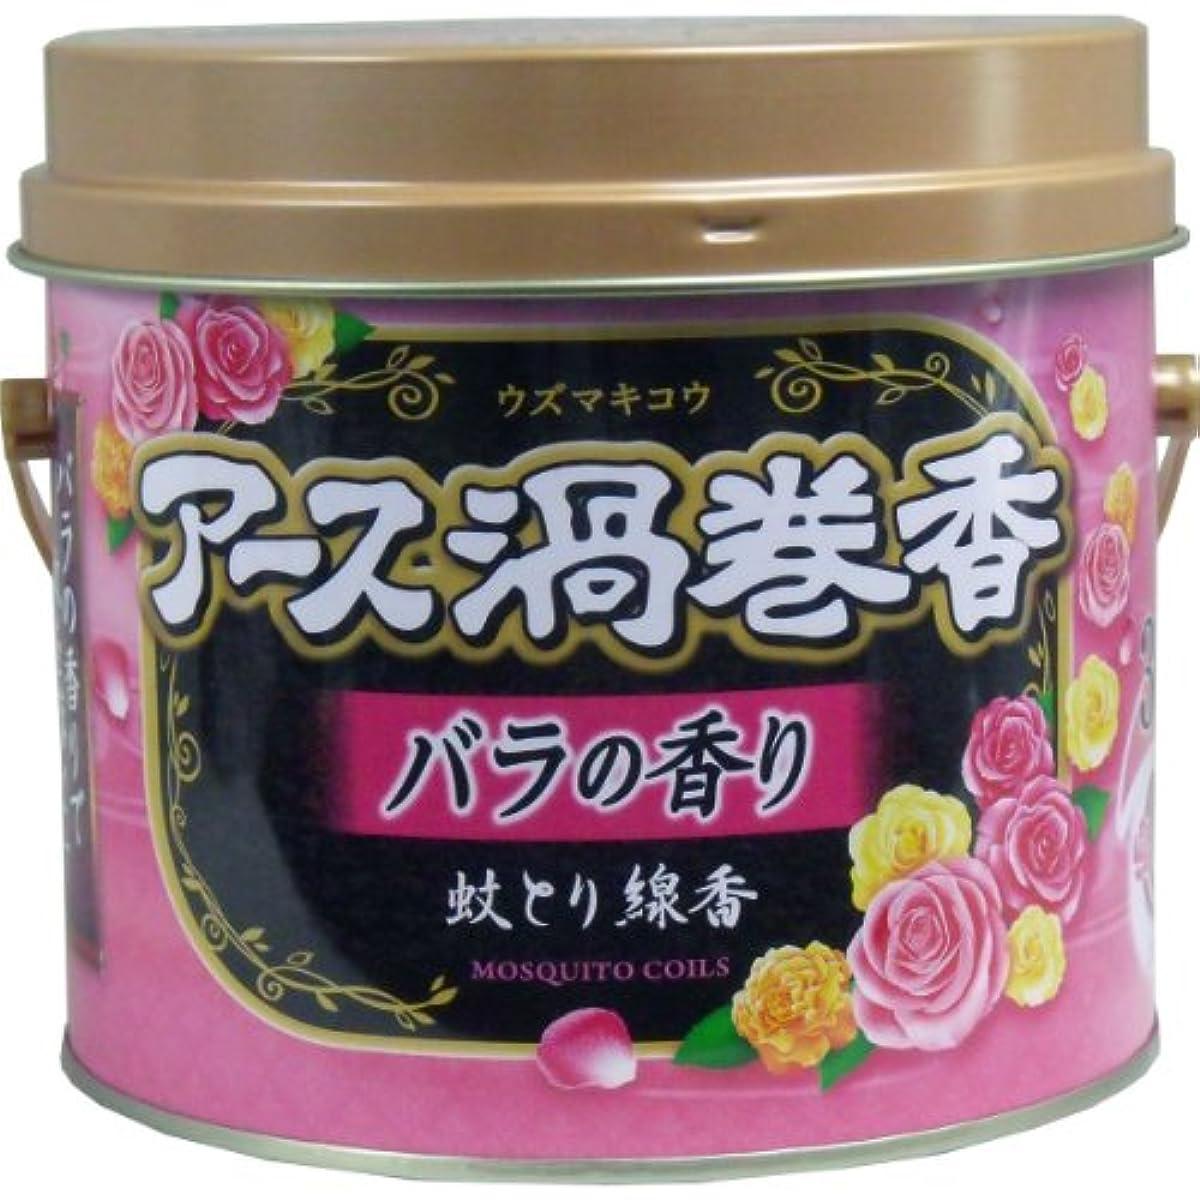 アース渦巻香 蚊とり線香 バラの香り 30巻4個セット